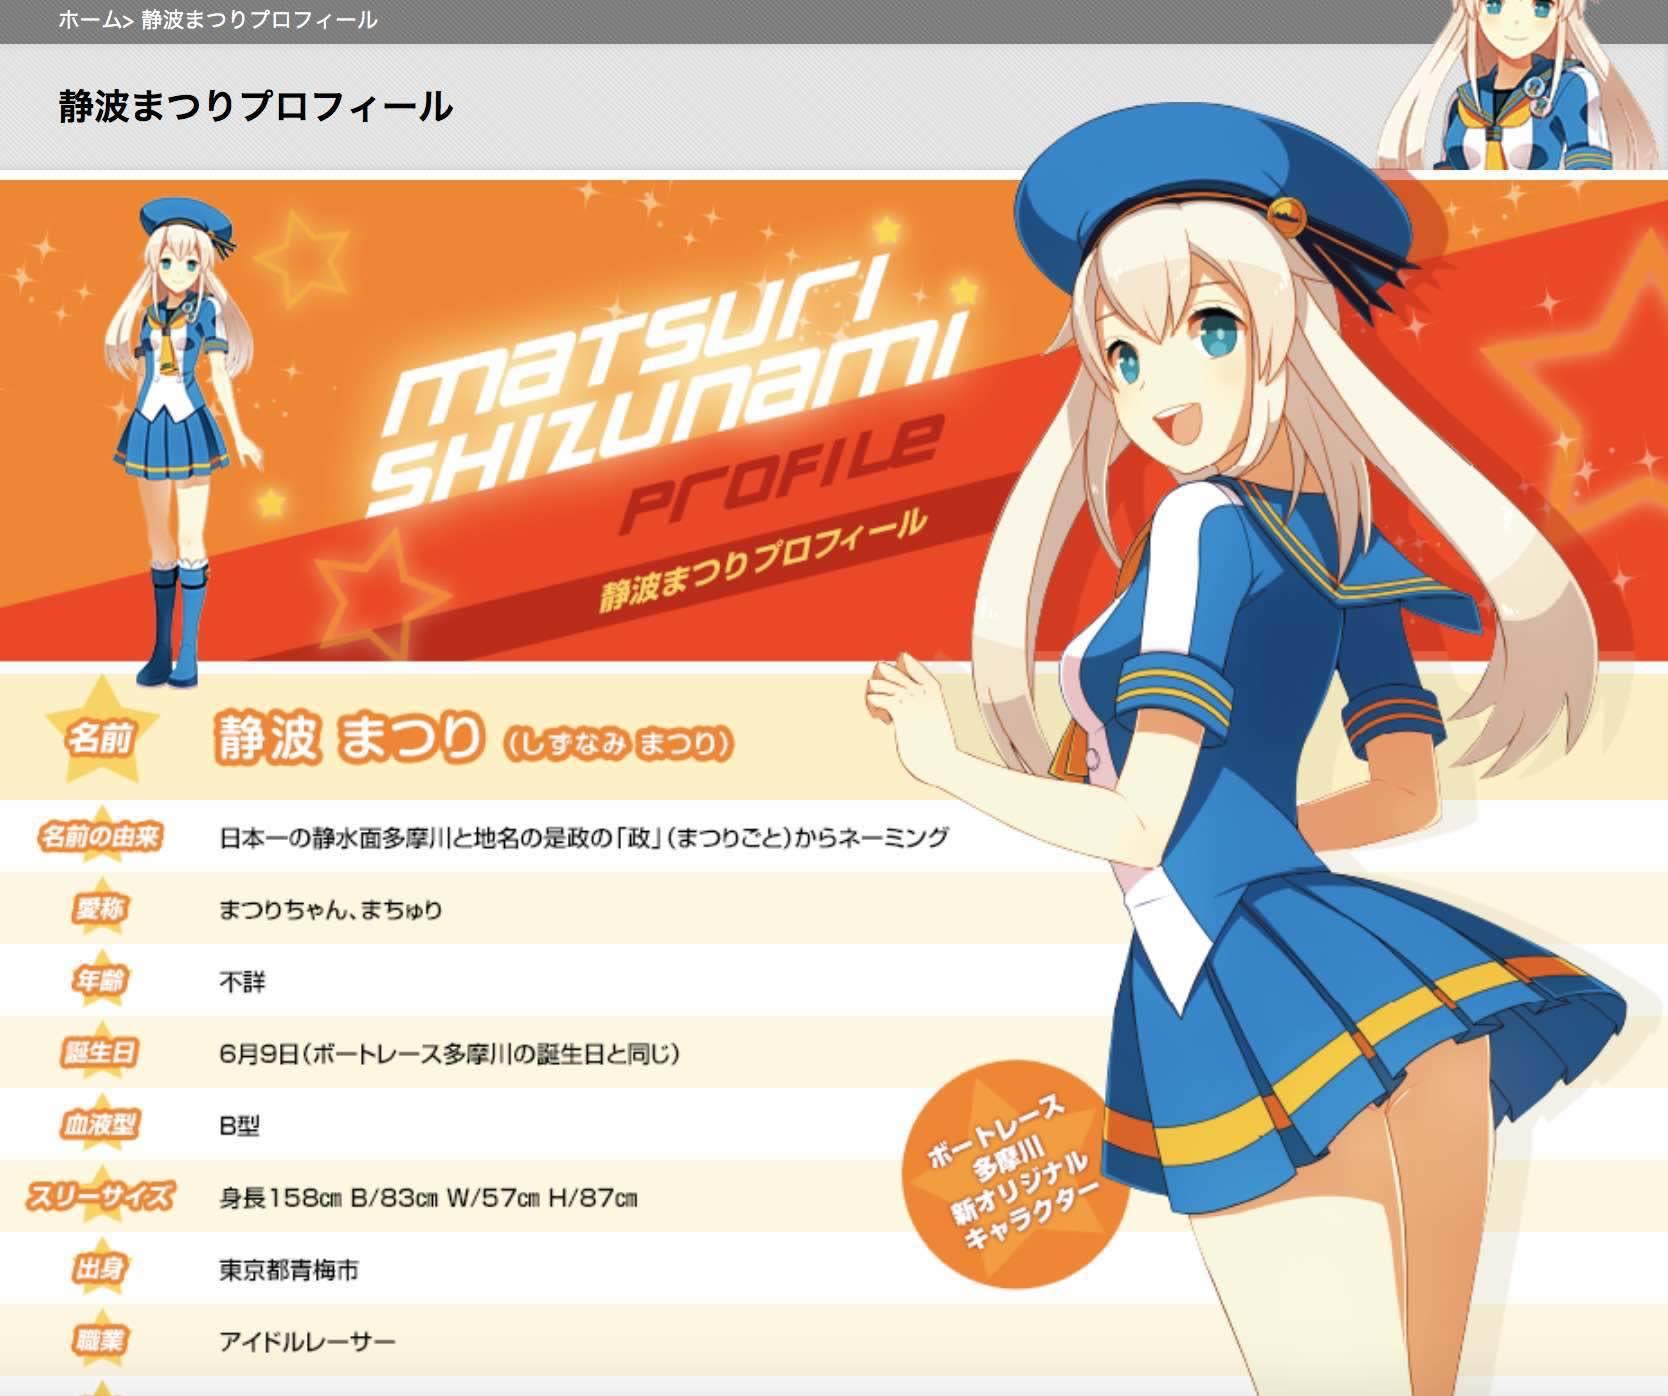 多摩川競艇場のマスコットキャラクター、静波まつりの画像